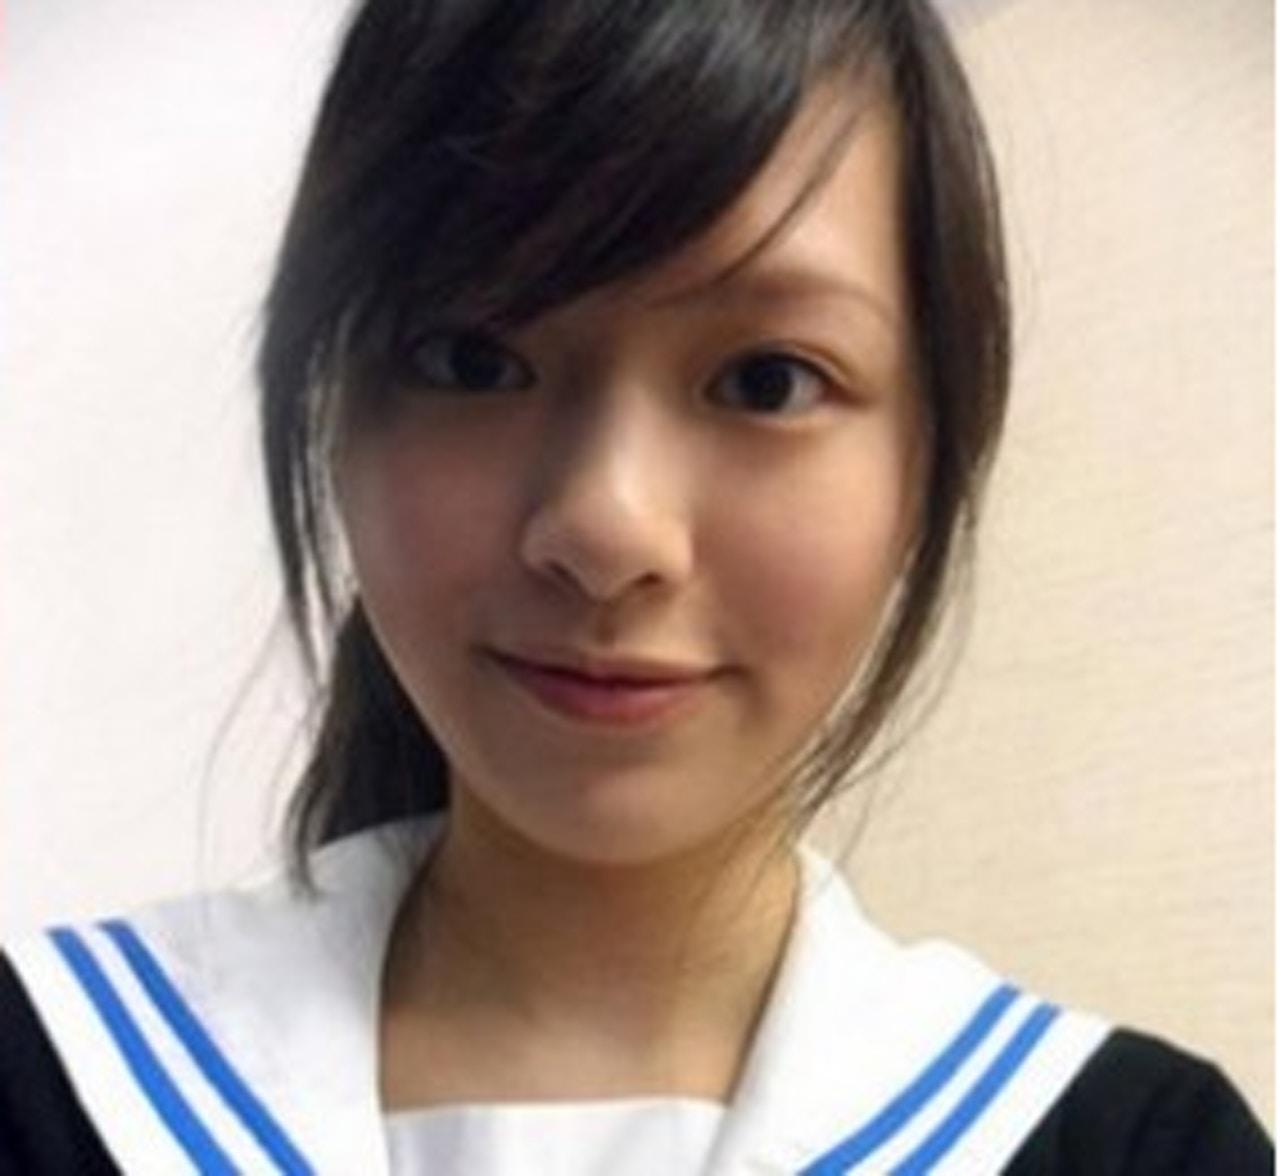 TVB 現役女星學生相 李佳芯陳自瑤最清純 - 香港高登討論區